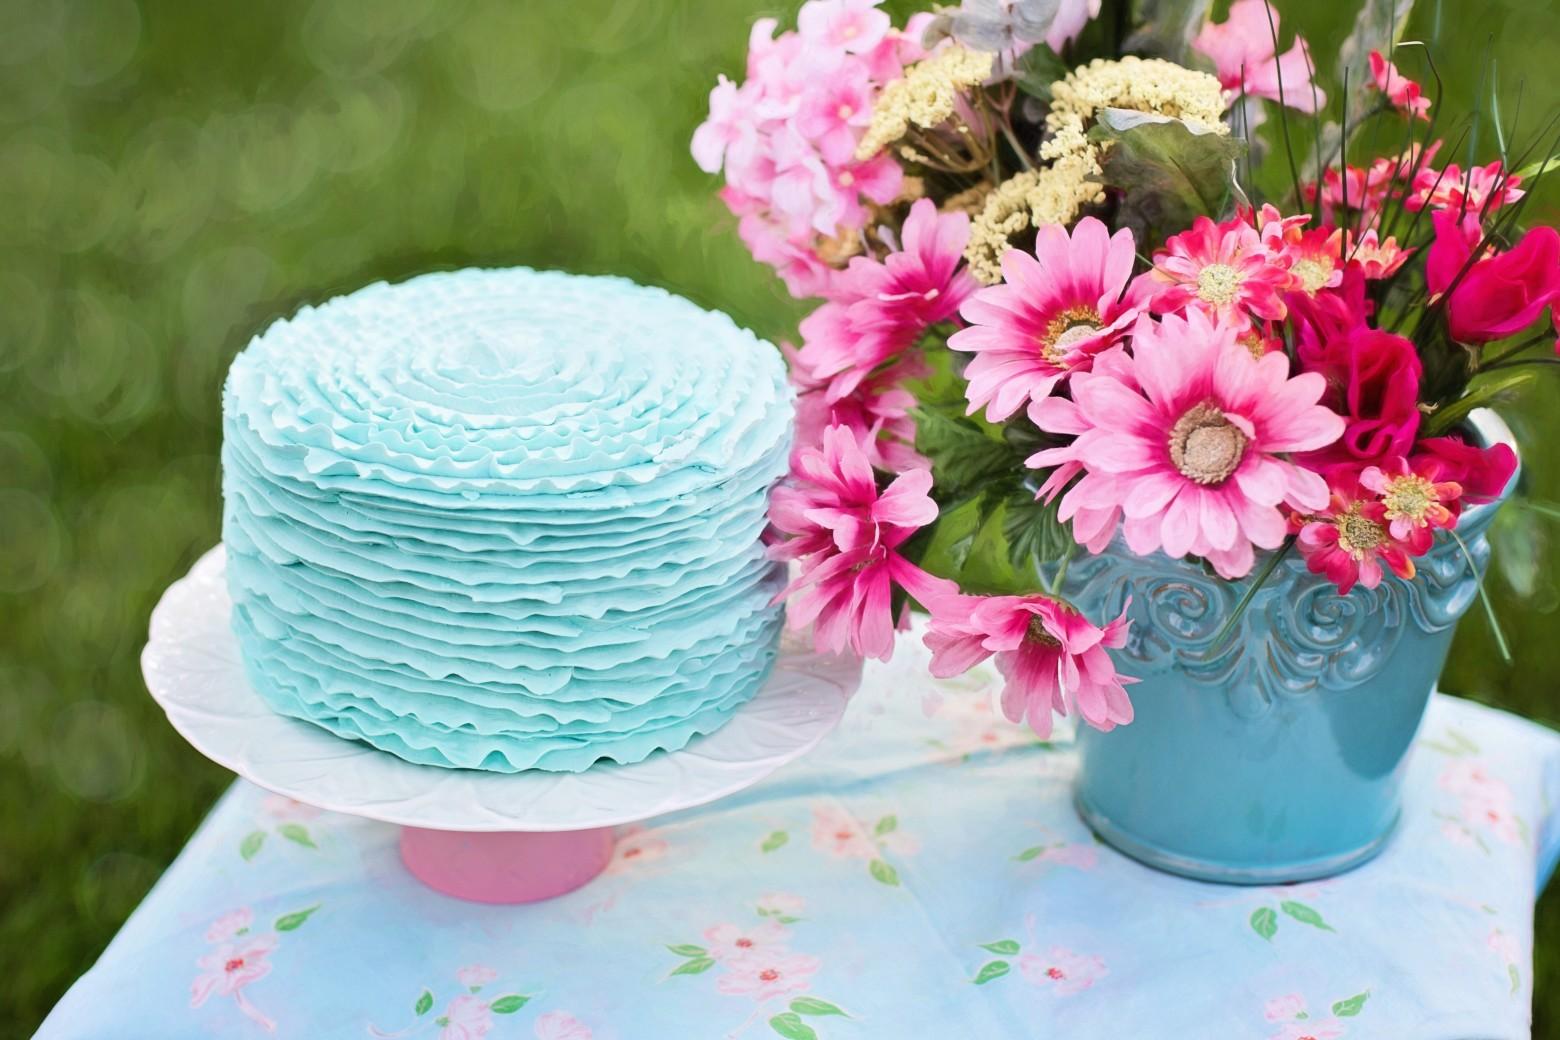 Top gâteau d' anniversaire et un bouquet de fleurs photos gratuites  IP99